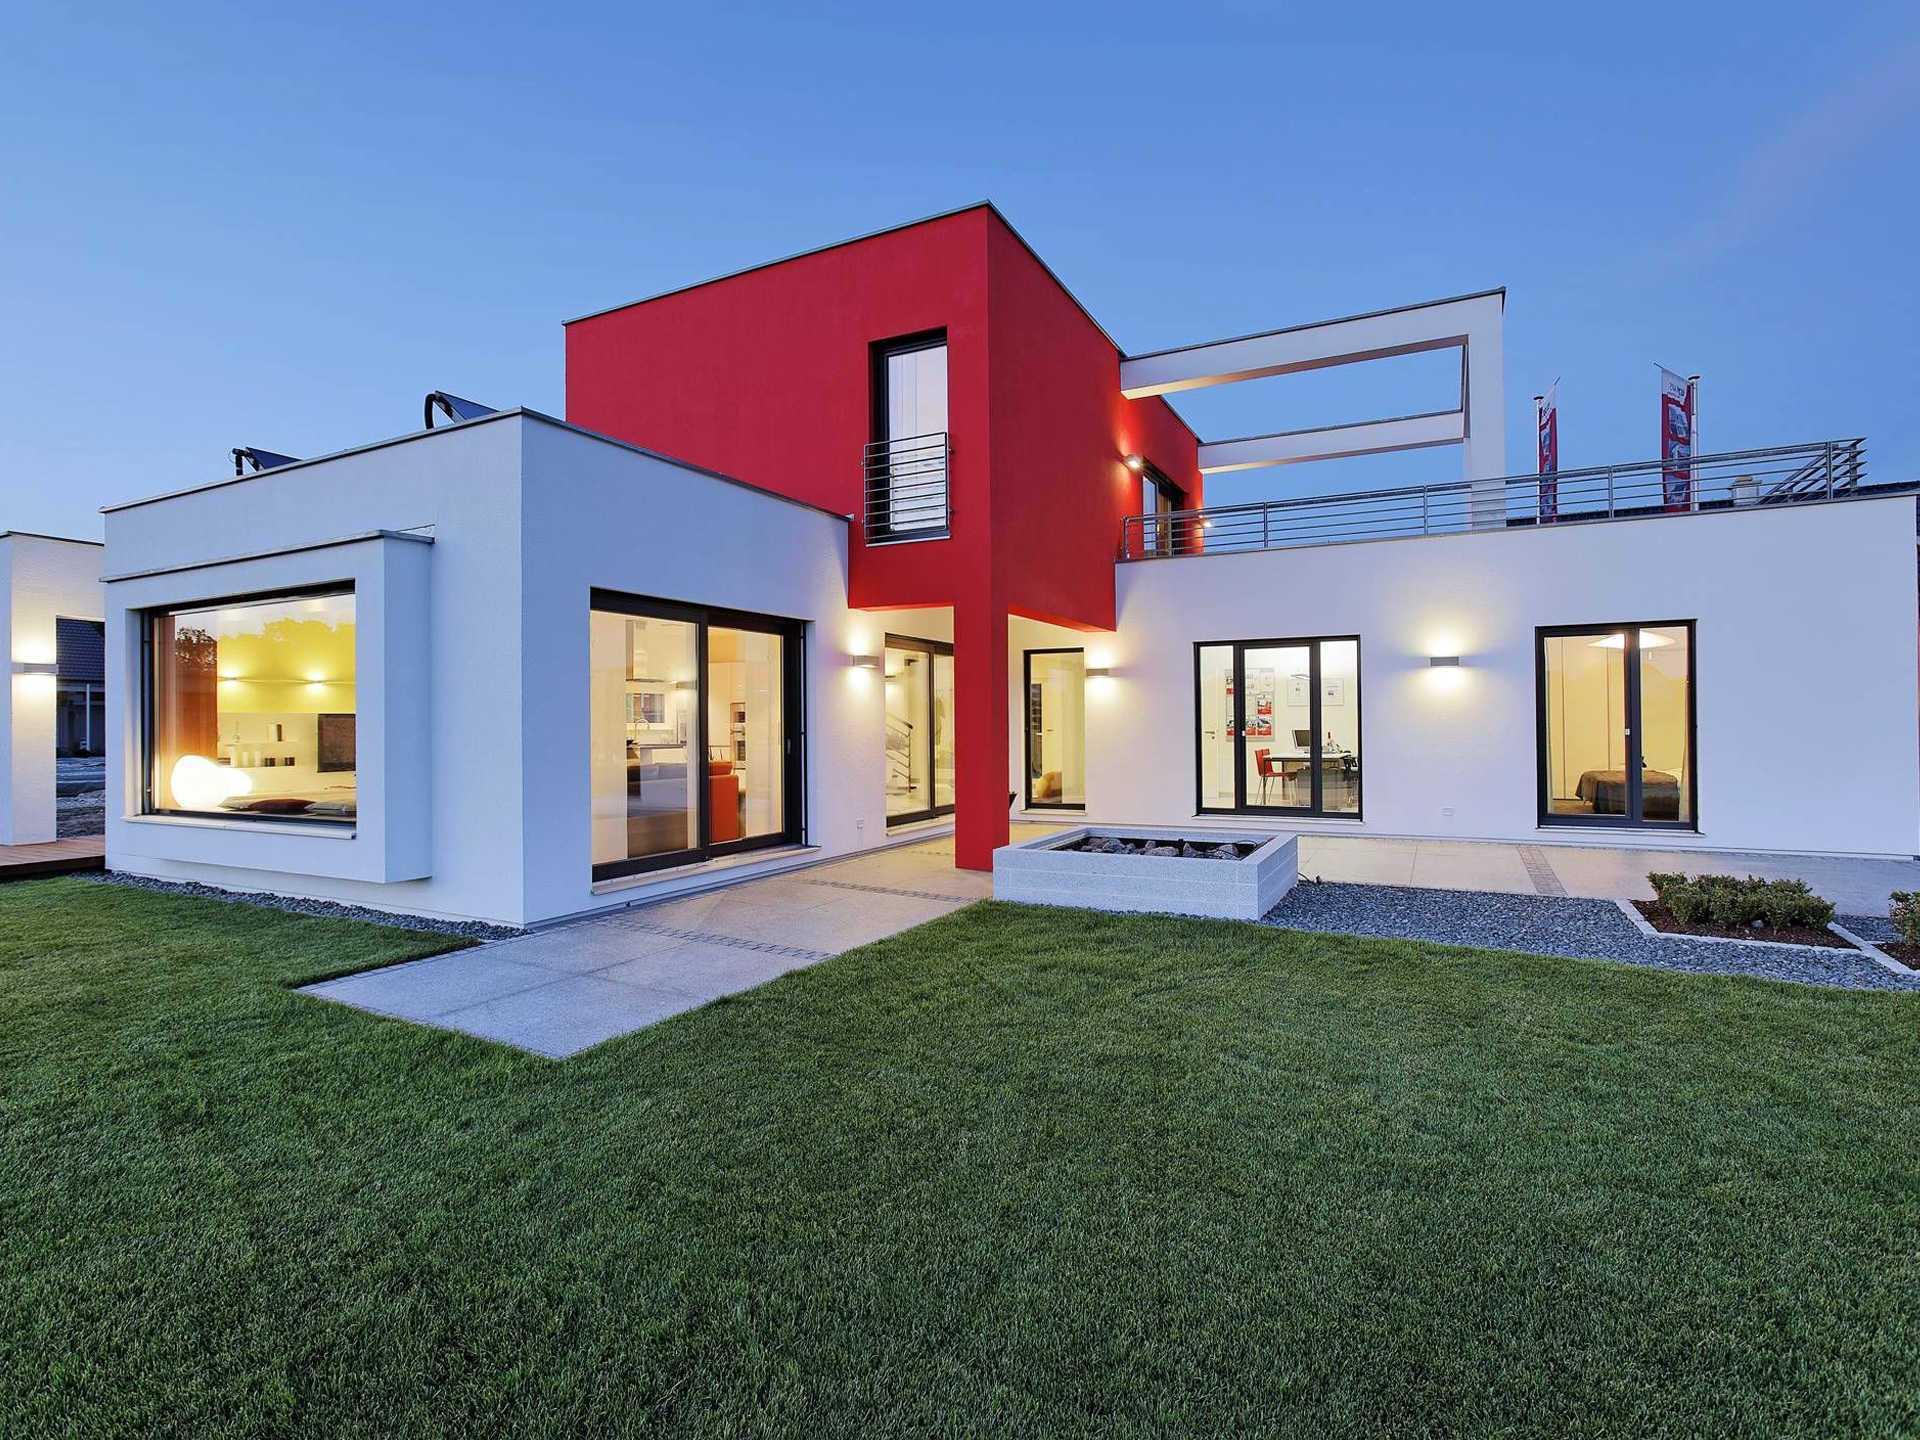 Fertighauswelt n rnberg for Design fertighaus